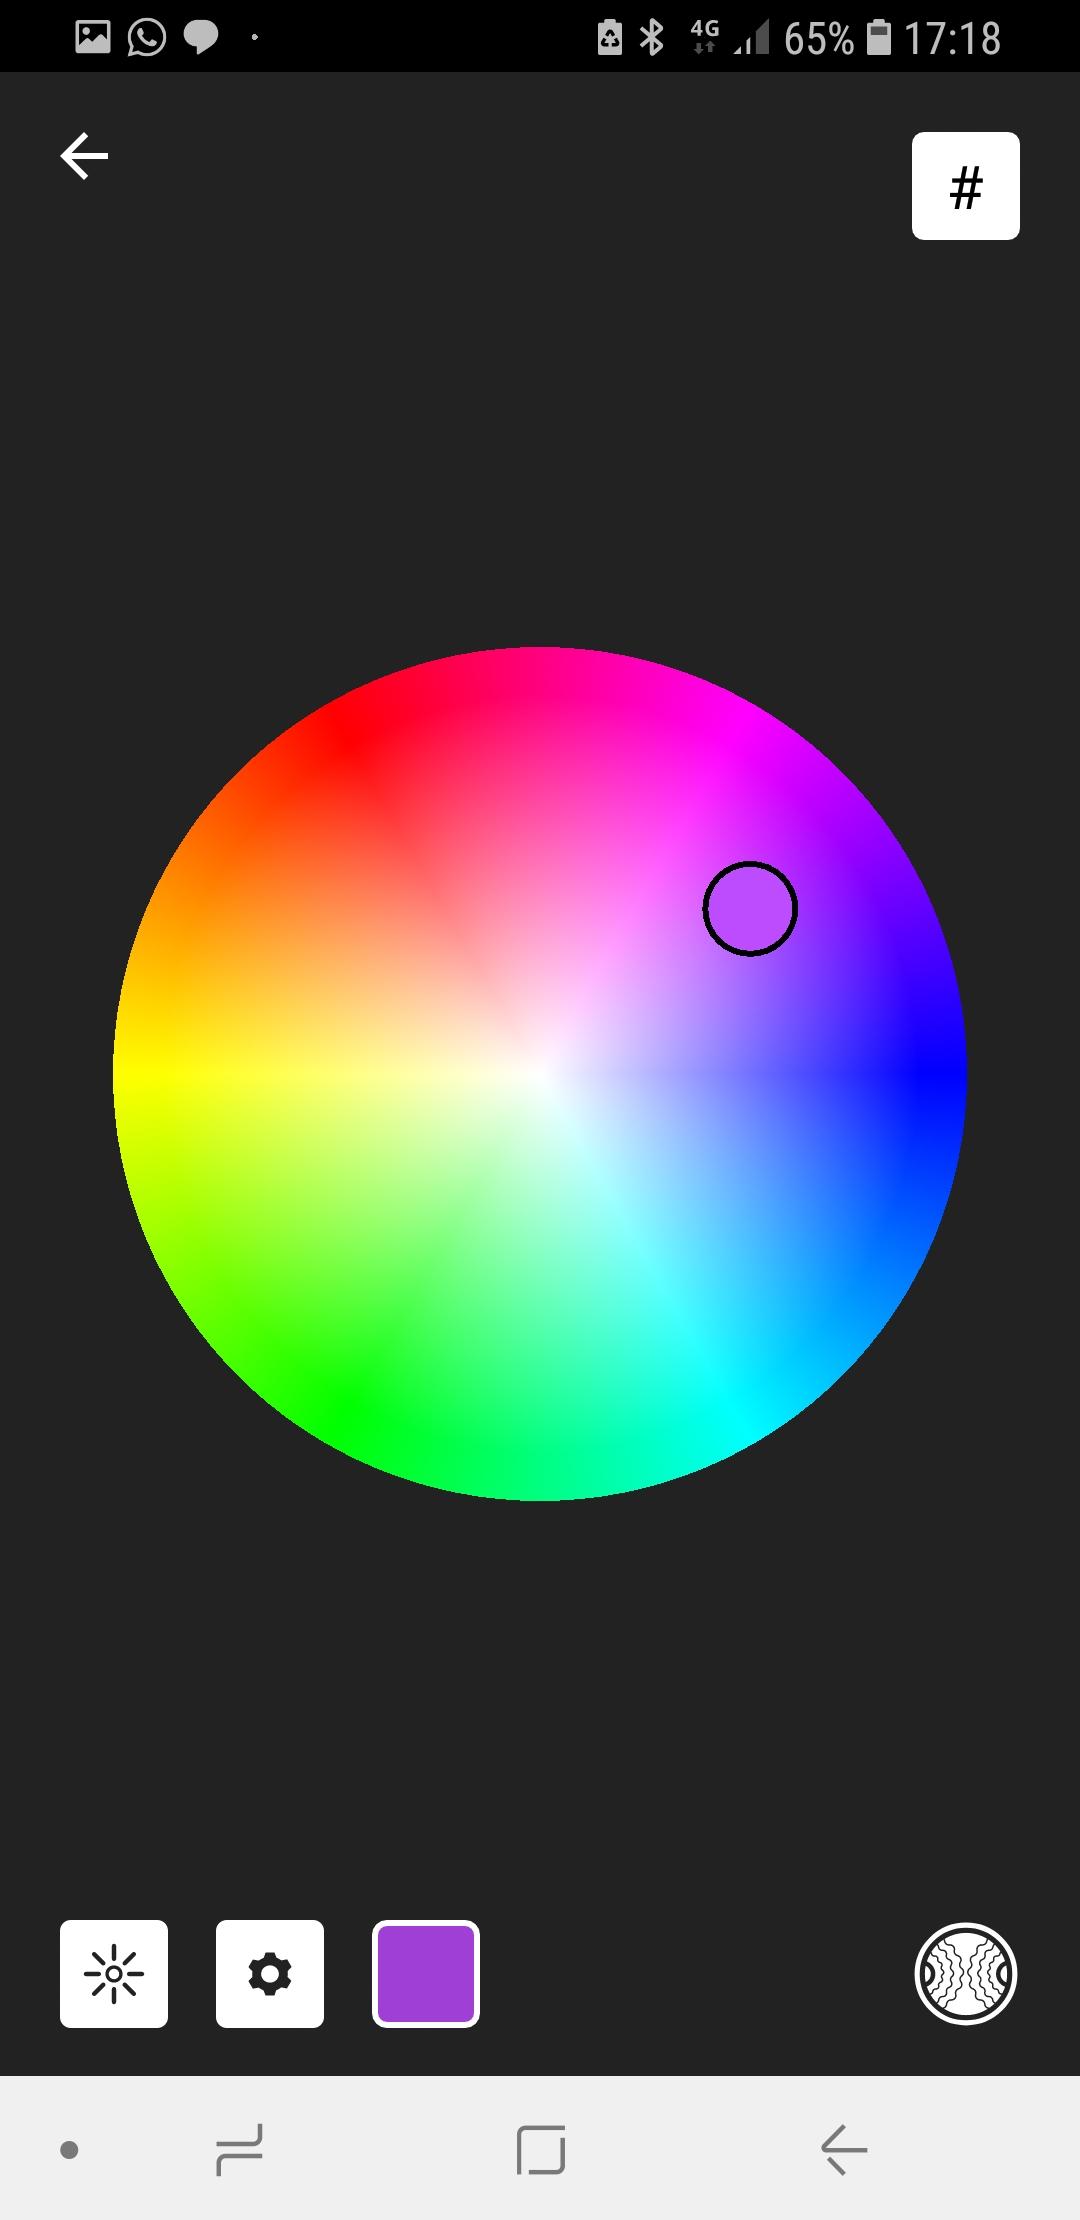 Escolha de cores e efeitos chroma